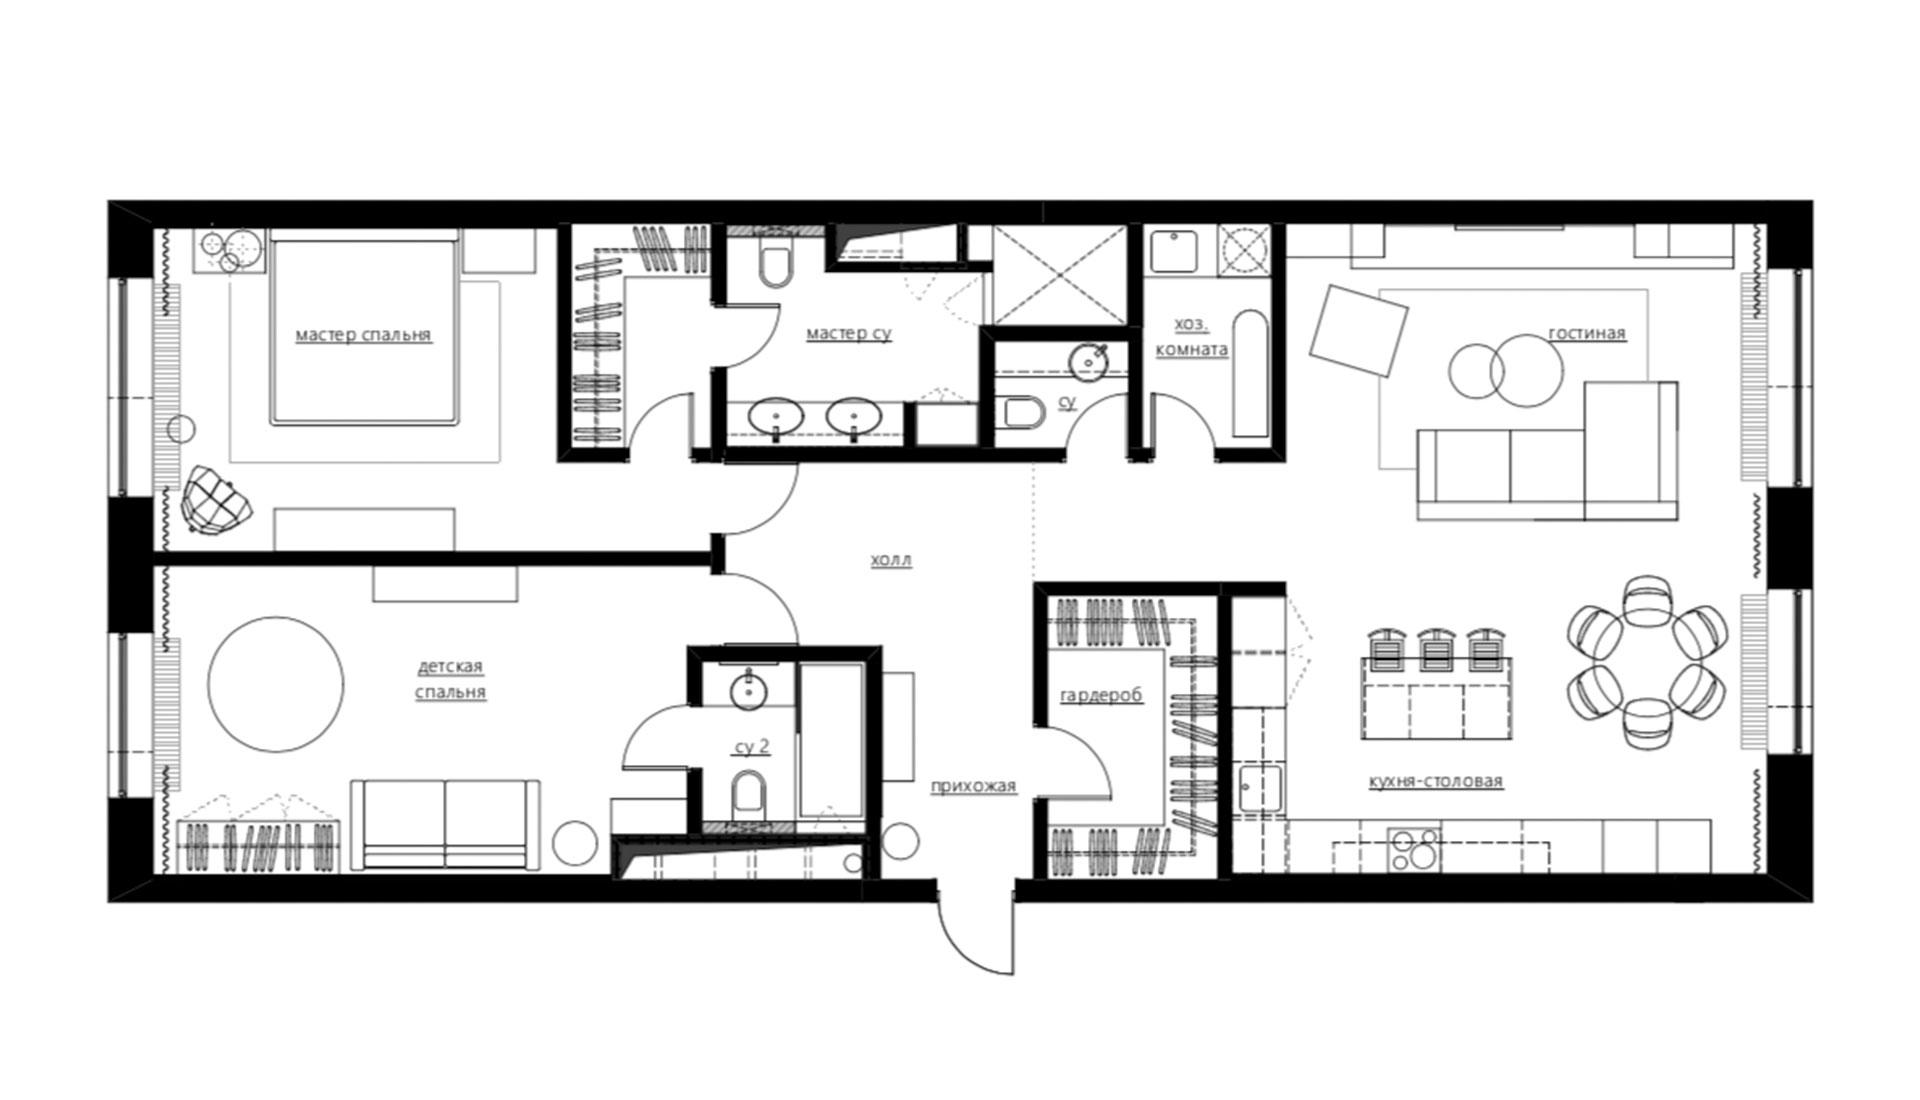 Планировка квартиры 130 кв. метров фото